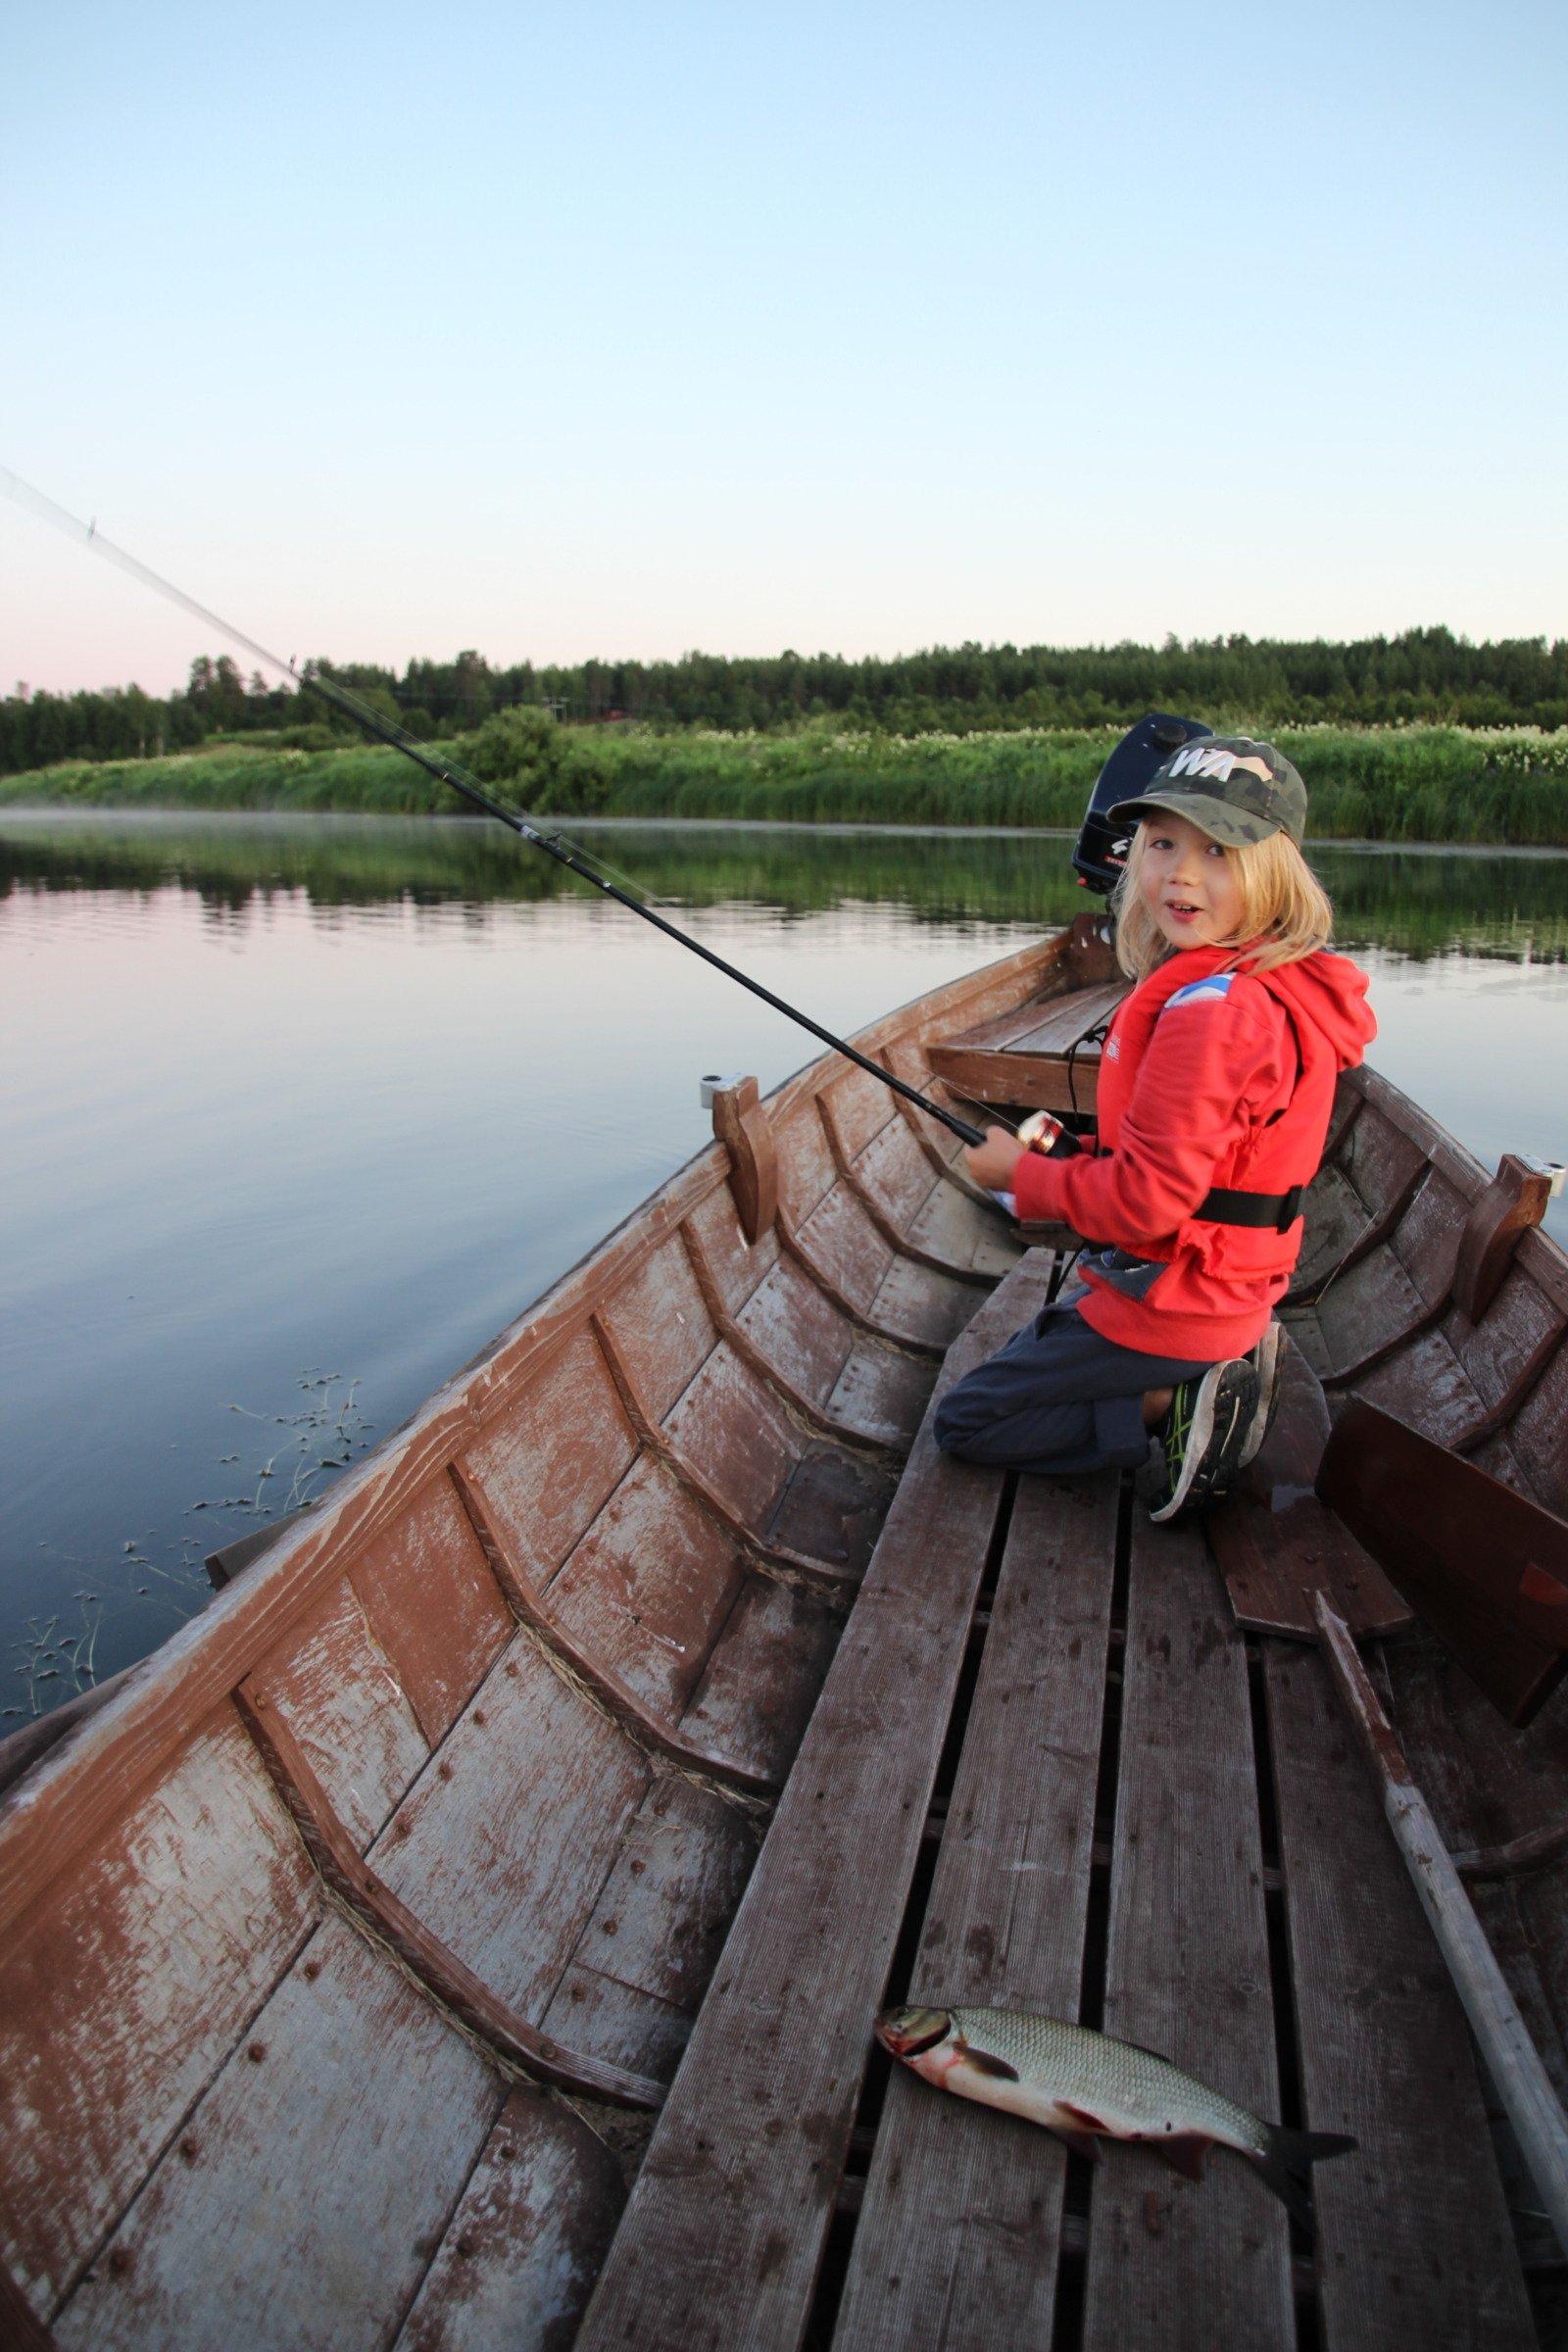 Lapsi kalastaa jokiveneestä Nivankylässä (c) Piia Juntunen-Laakso 2020